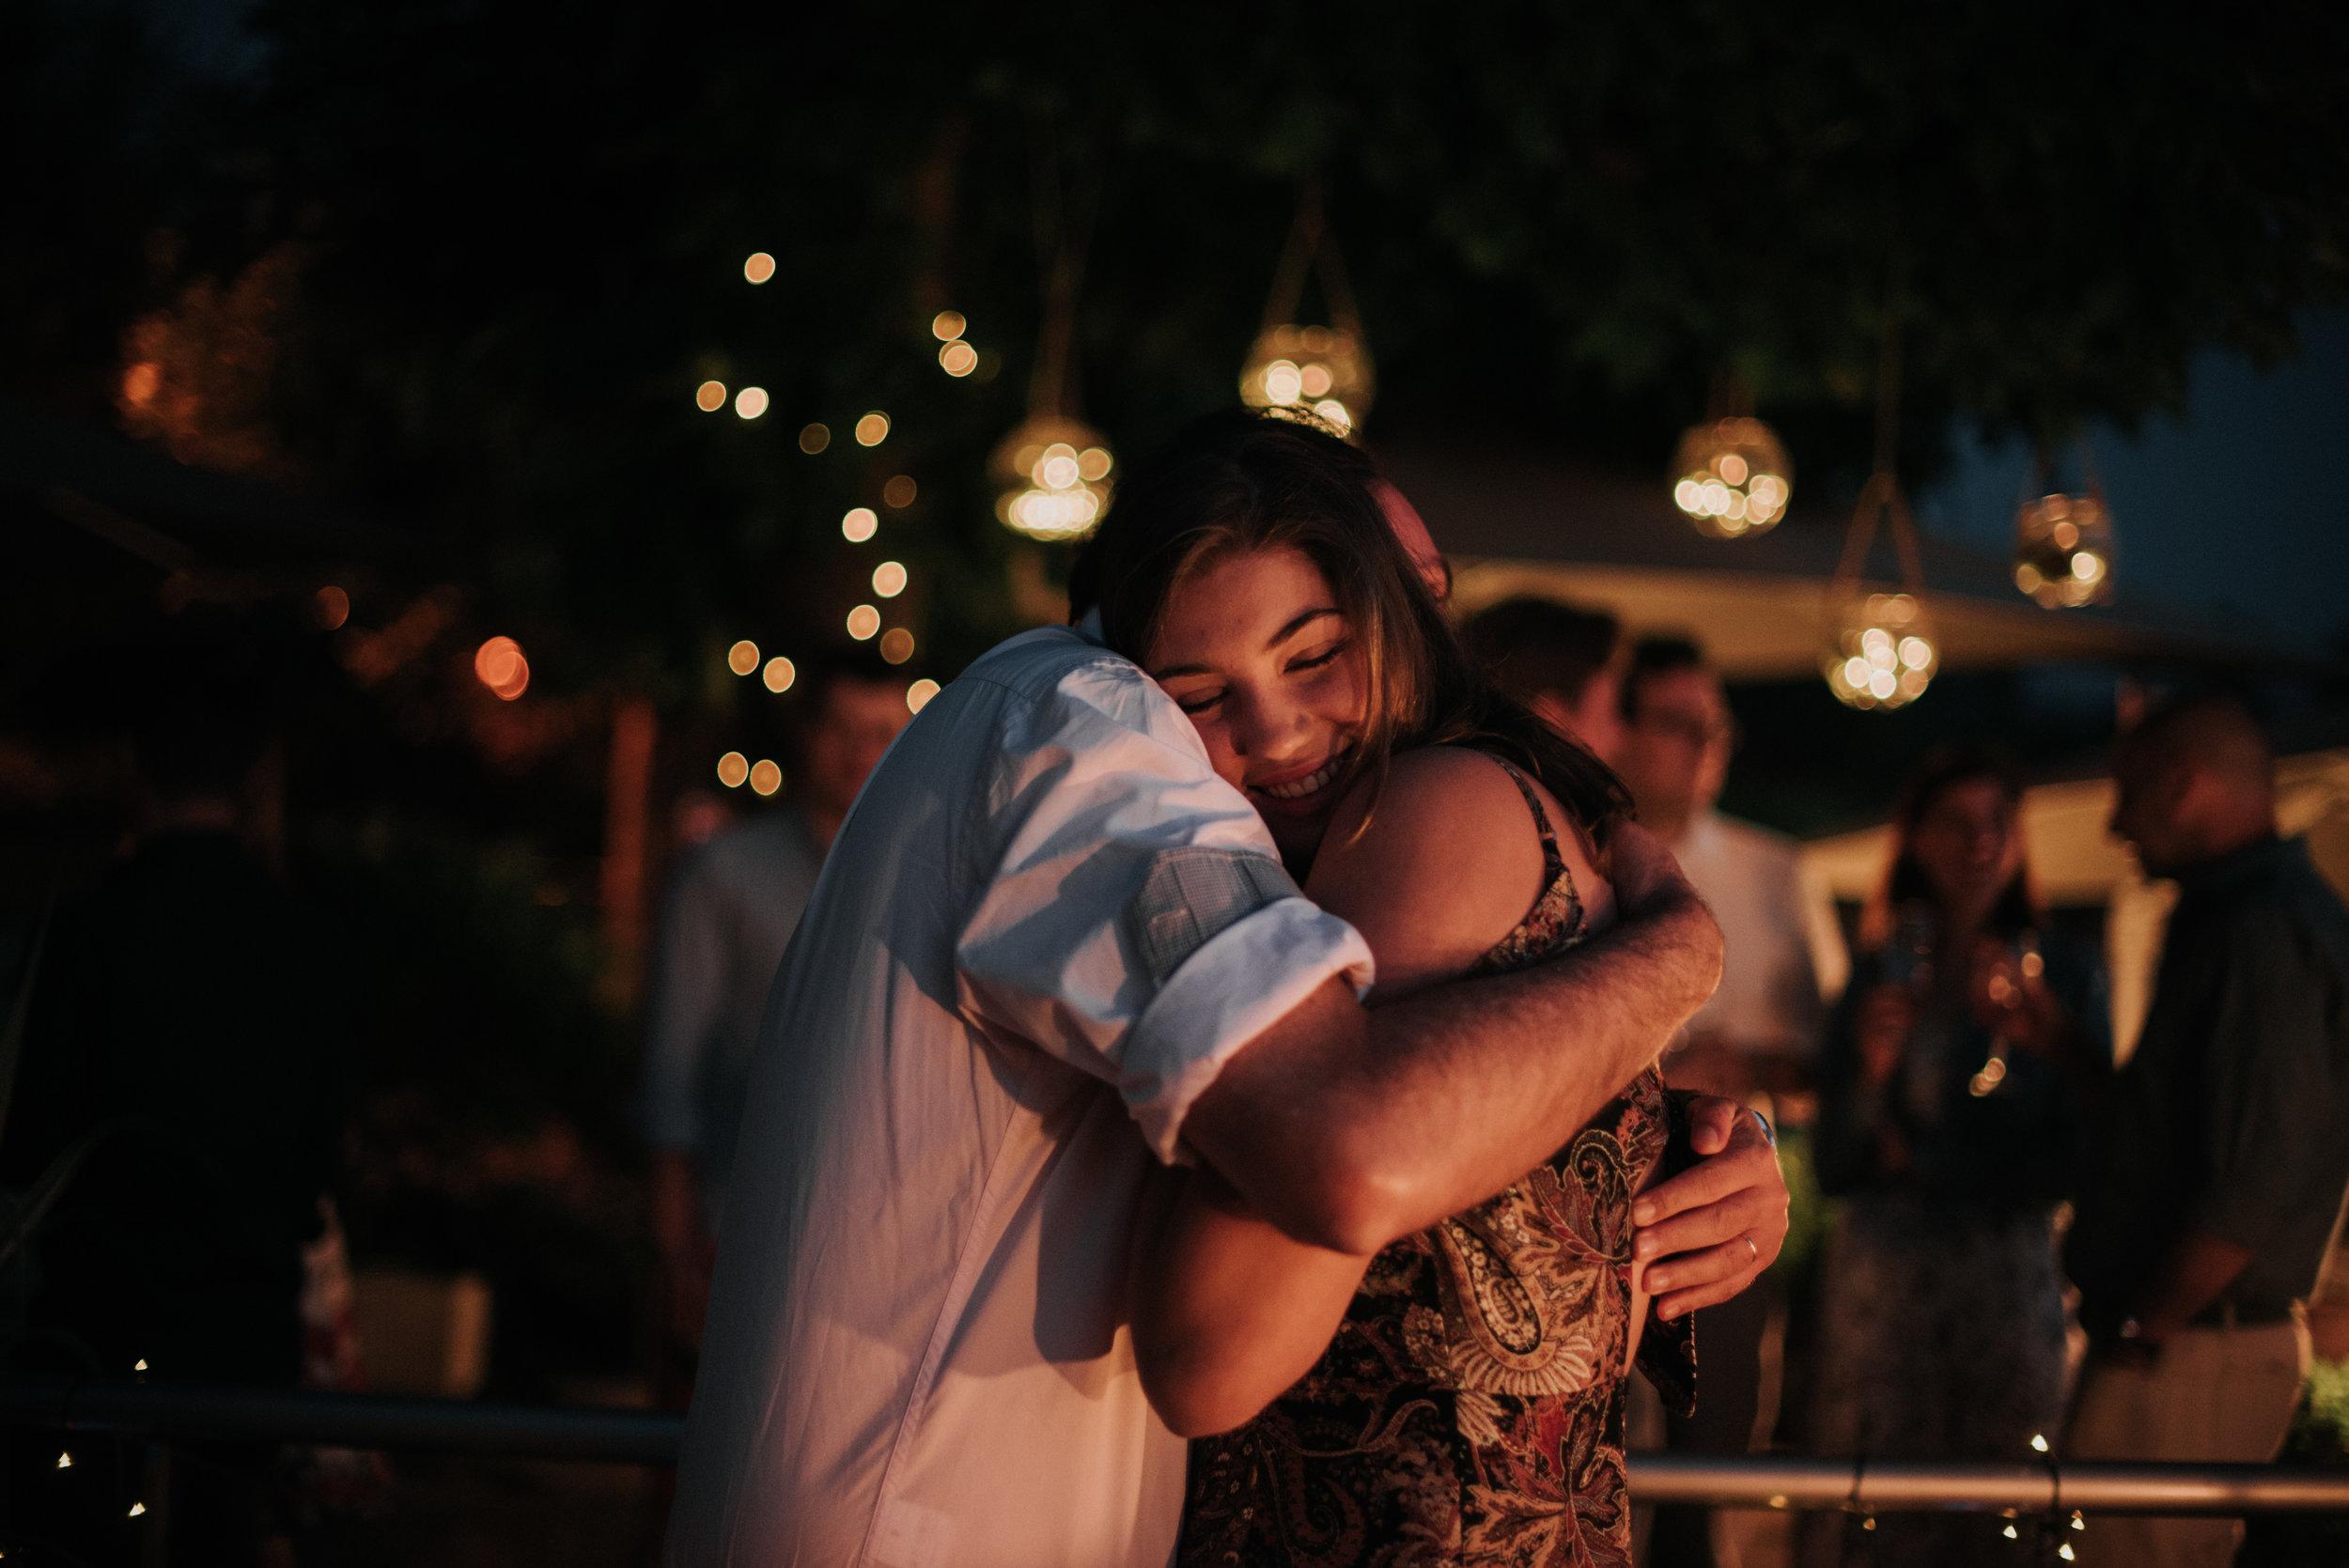 Léa-Fery-photographe-professionnel-lyon-rhone-alpes-portrait-creation-mariage-evenement-evenementiel-famille-9435.jpg